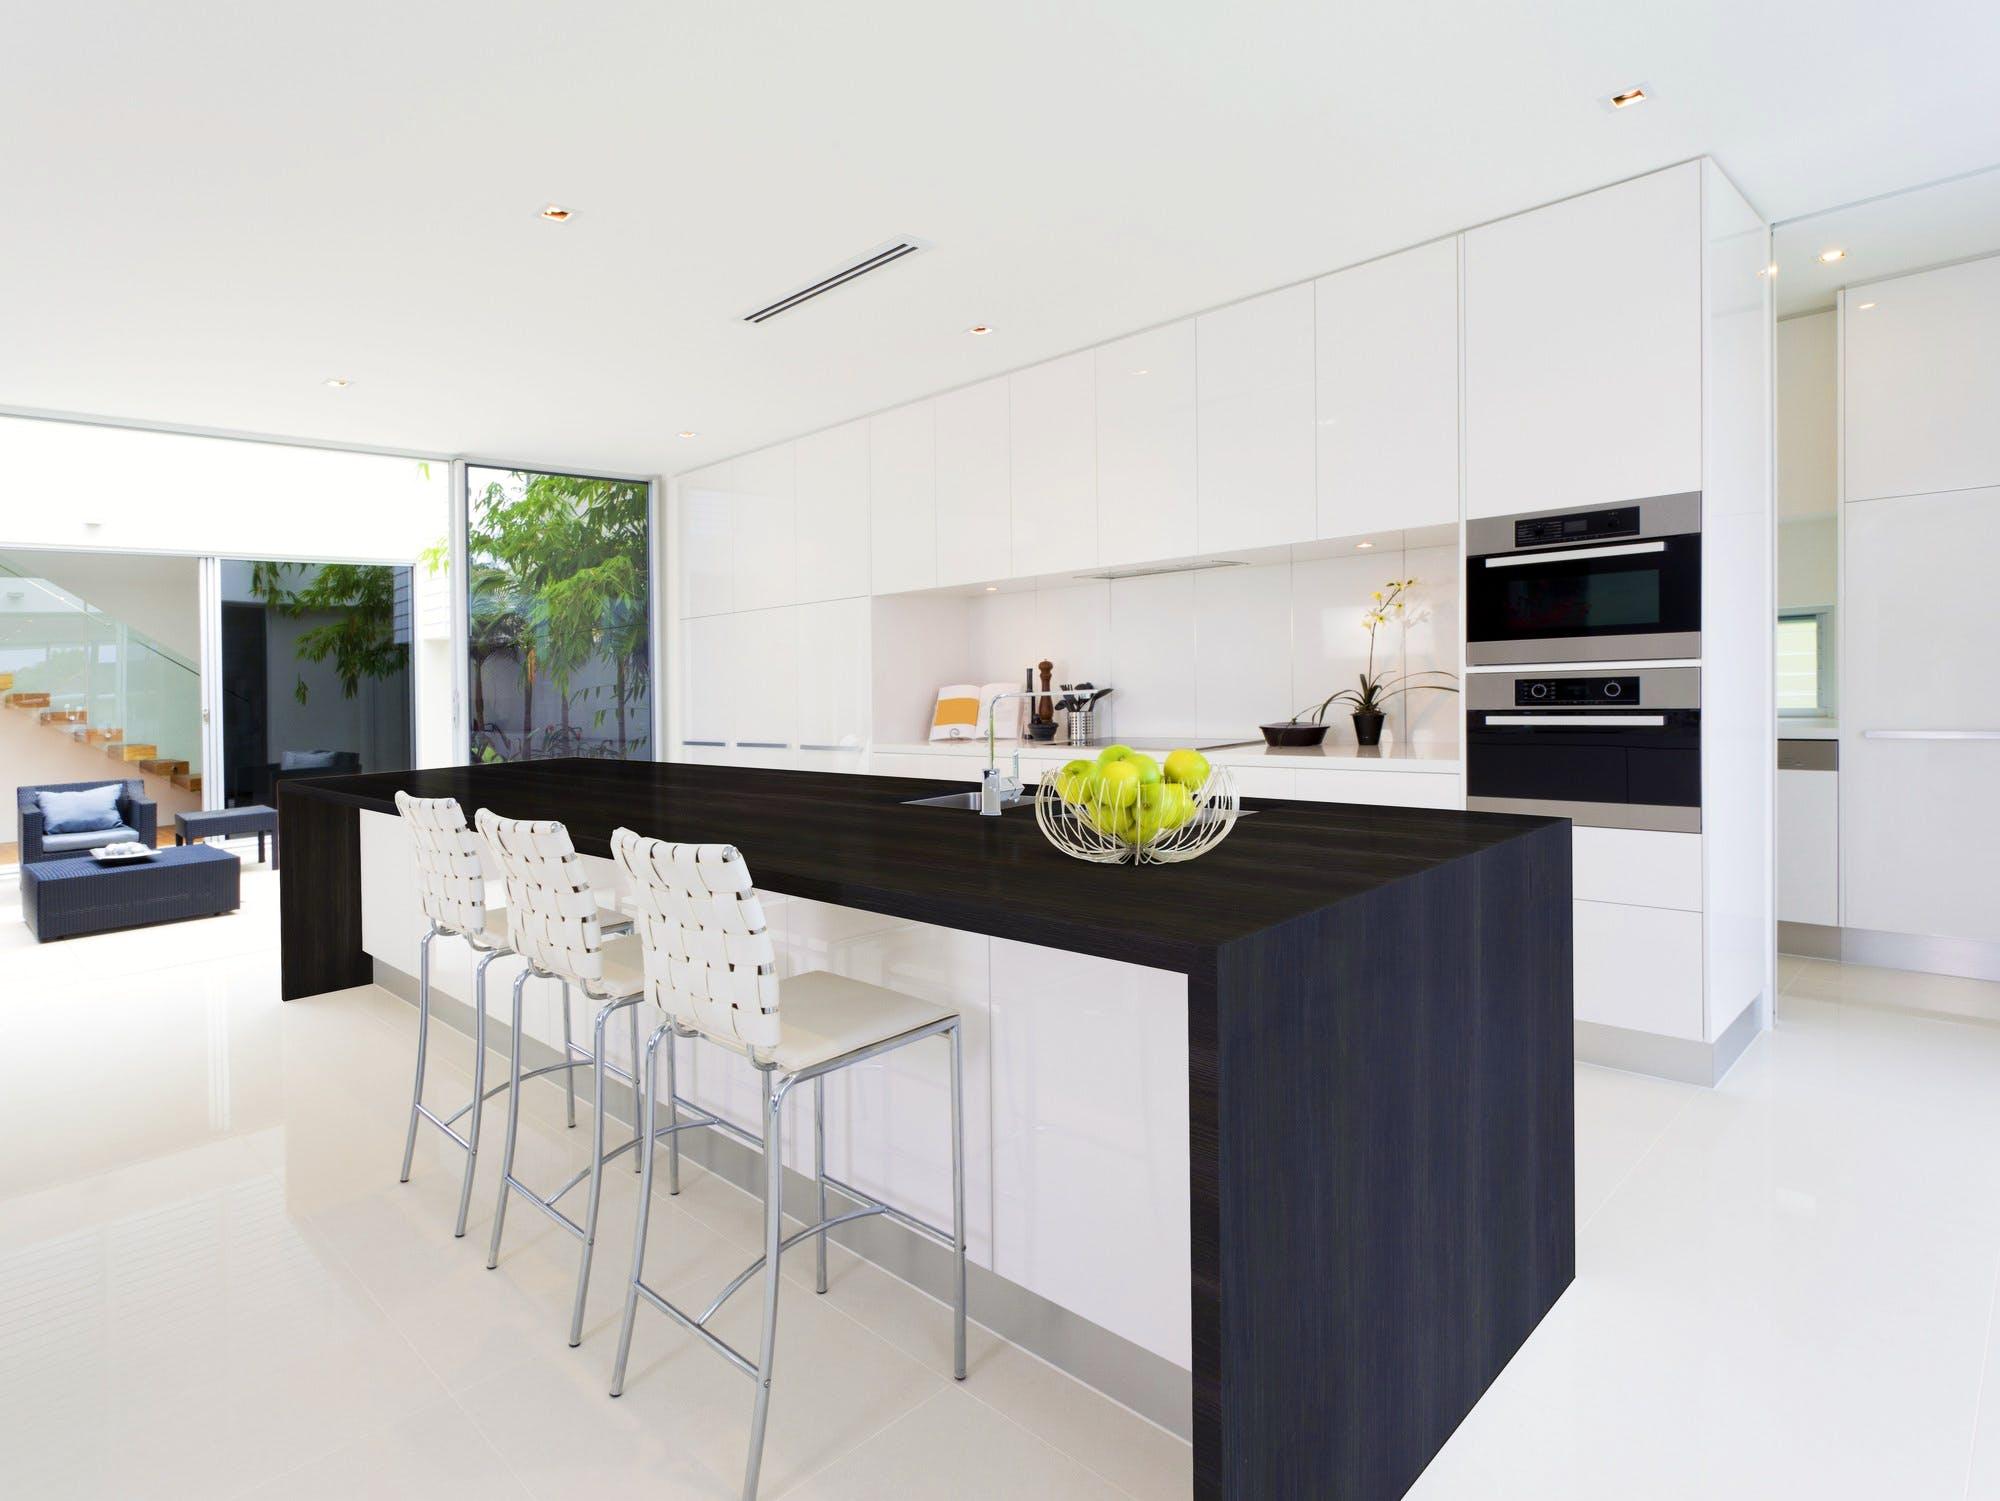 Image of dekton borea 2 in Kitchens in black: trend and style - Cosentino